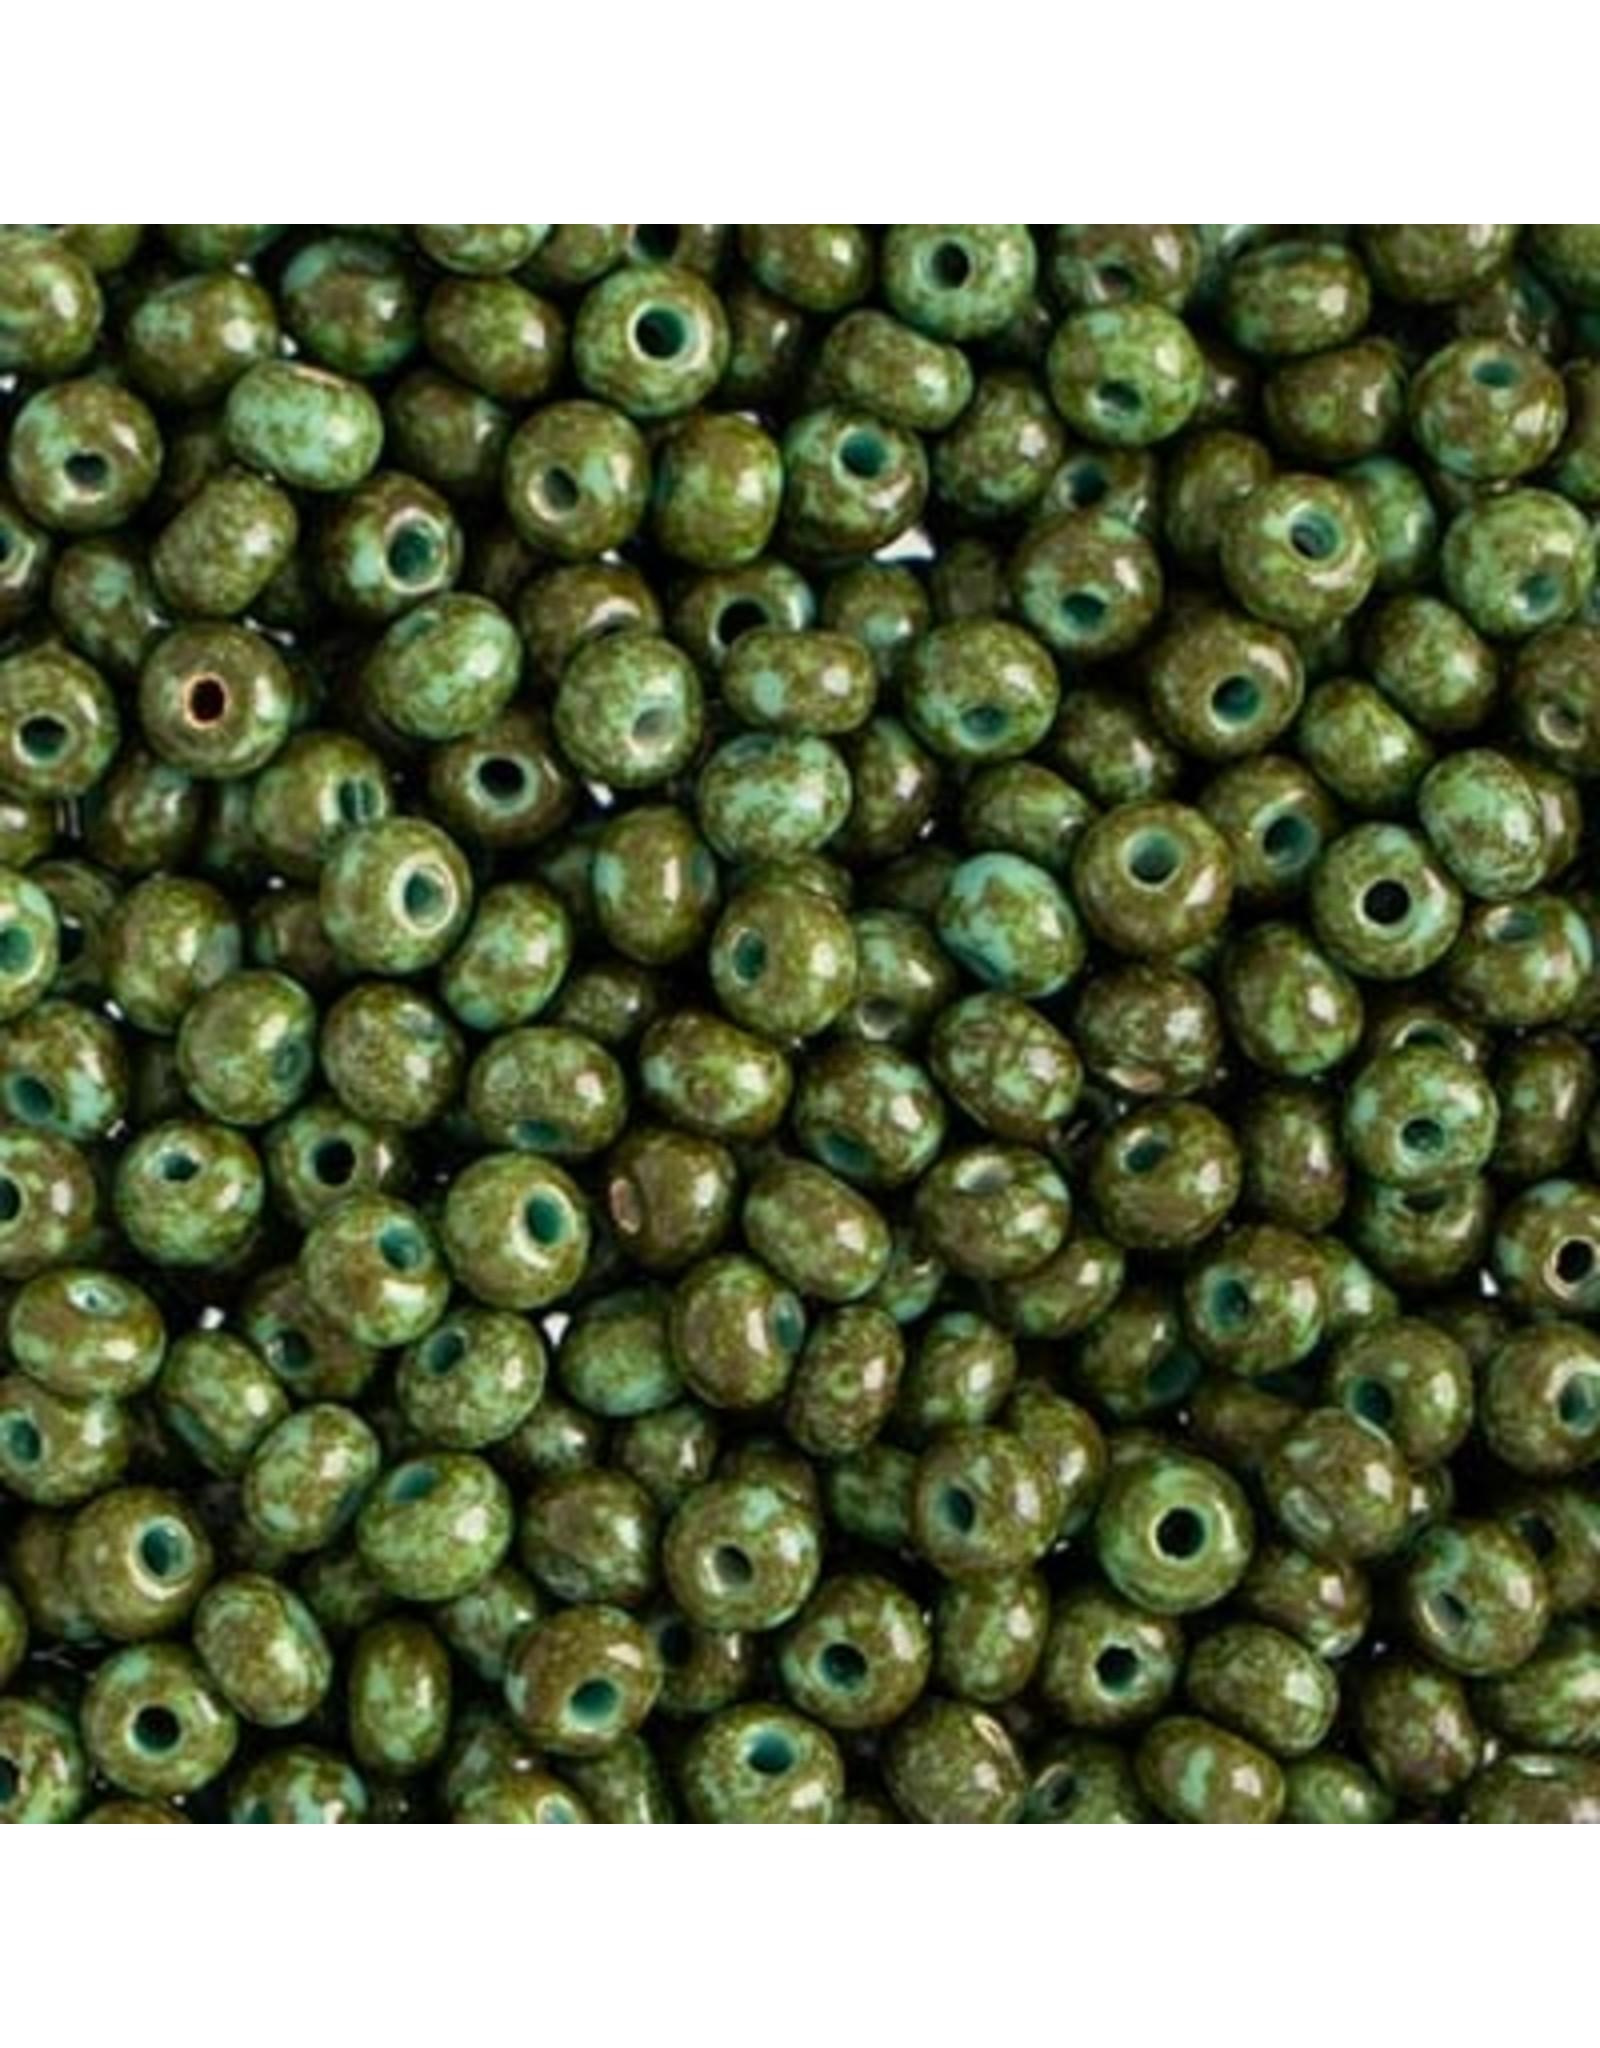 Czech 401524  6 Czech Seed 20g  Opaque Turquoise Green Travertine